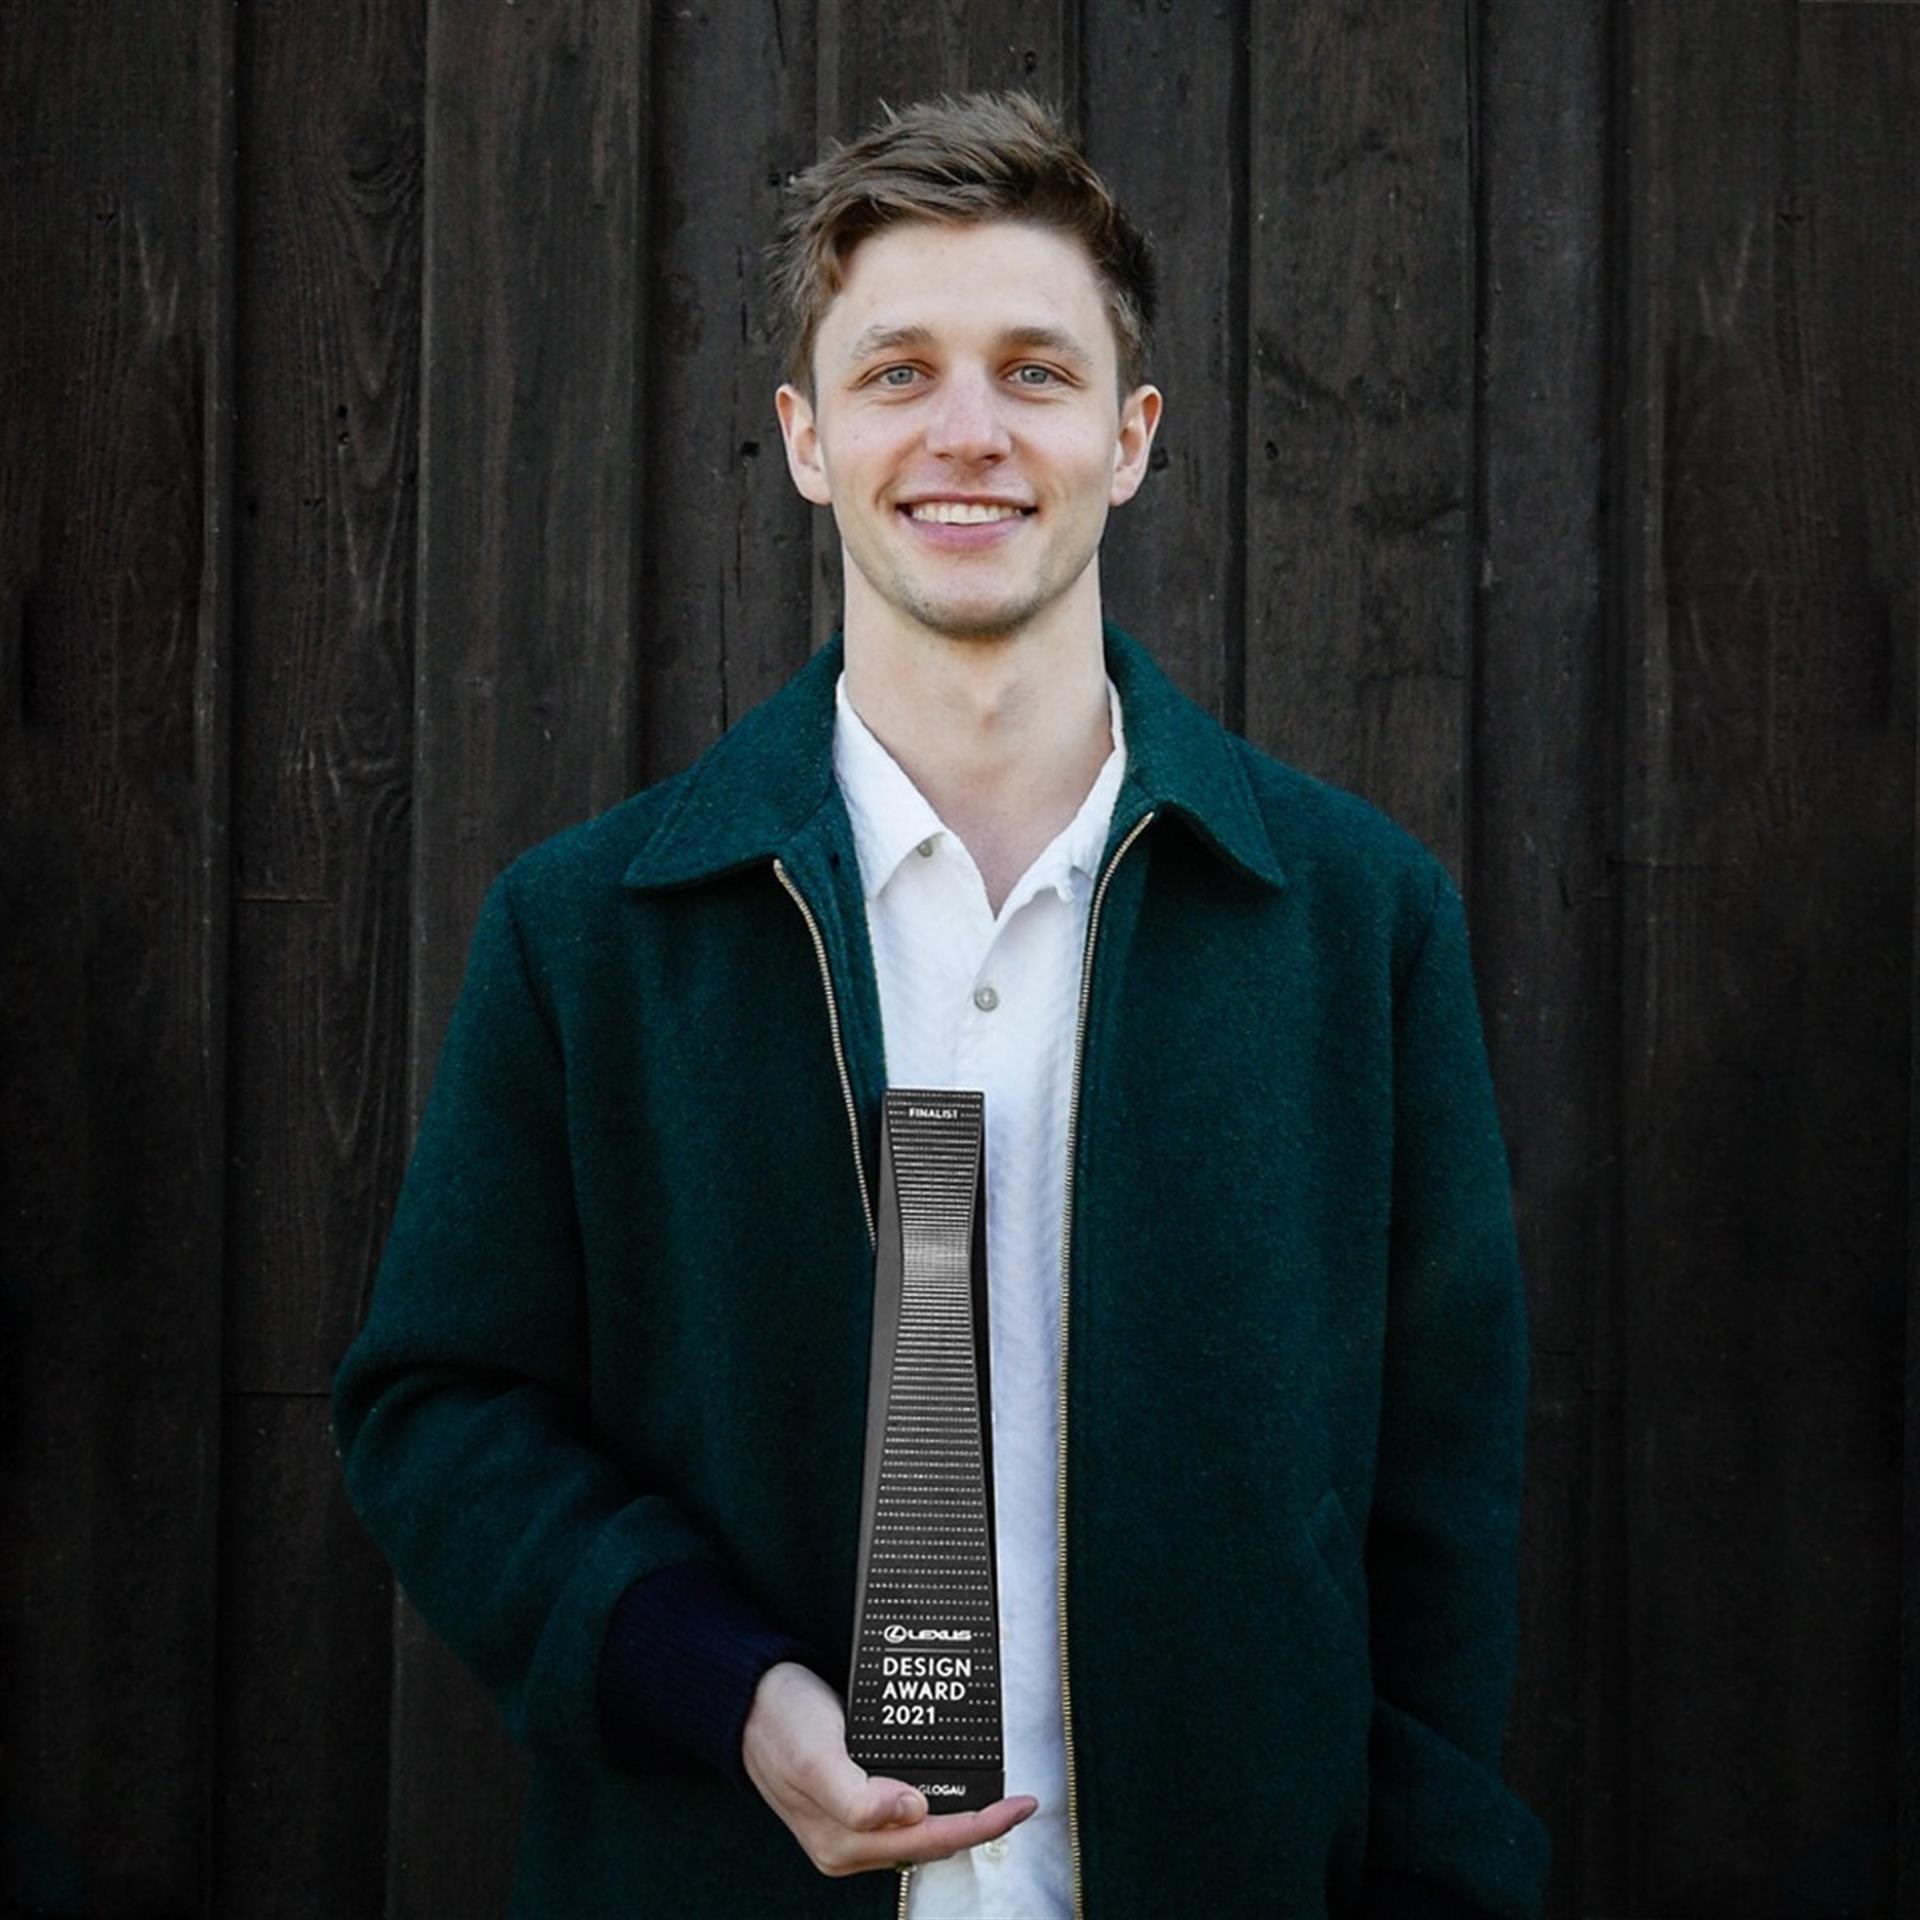 El ganador de los premios de diseño Lexus Design 2021, Henry Glogau.